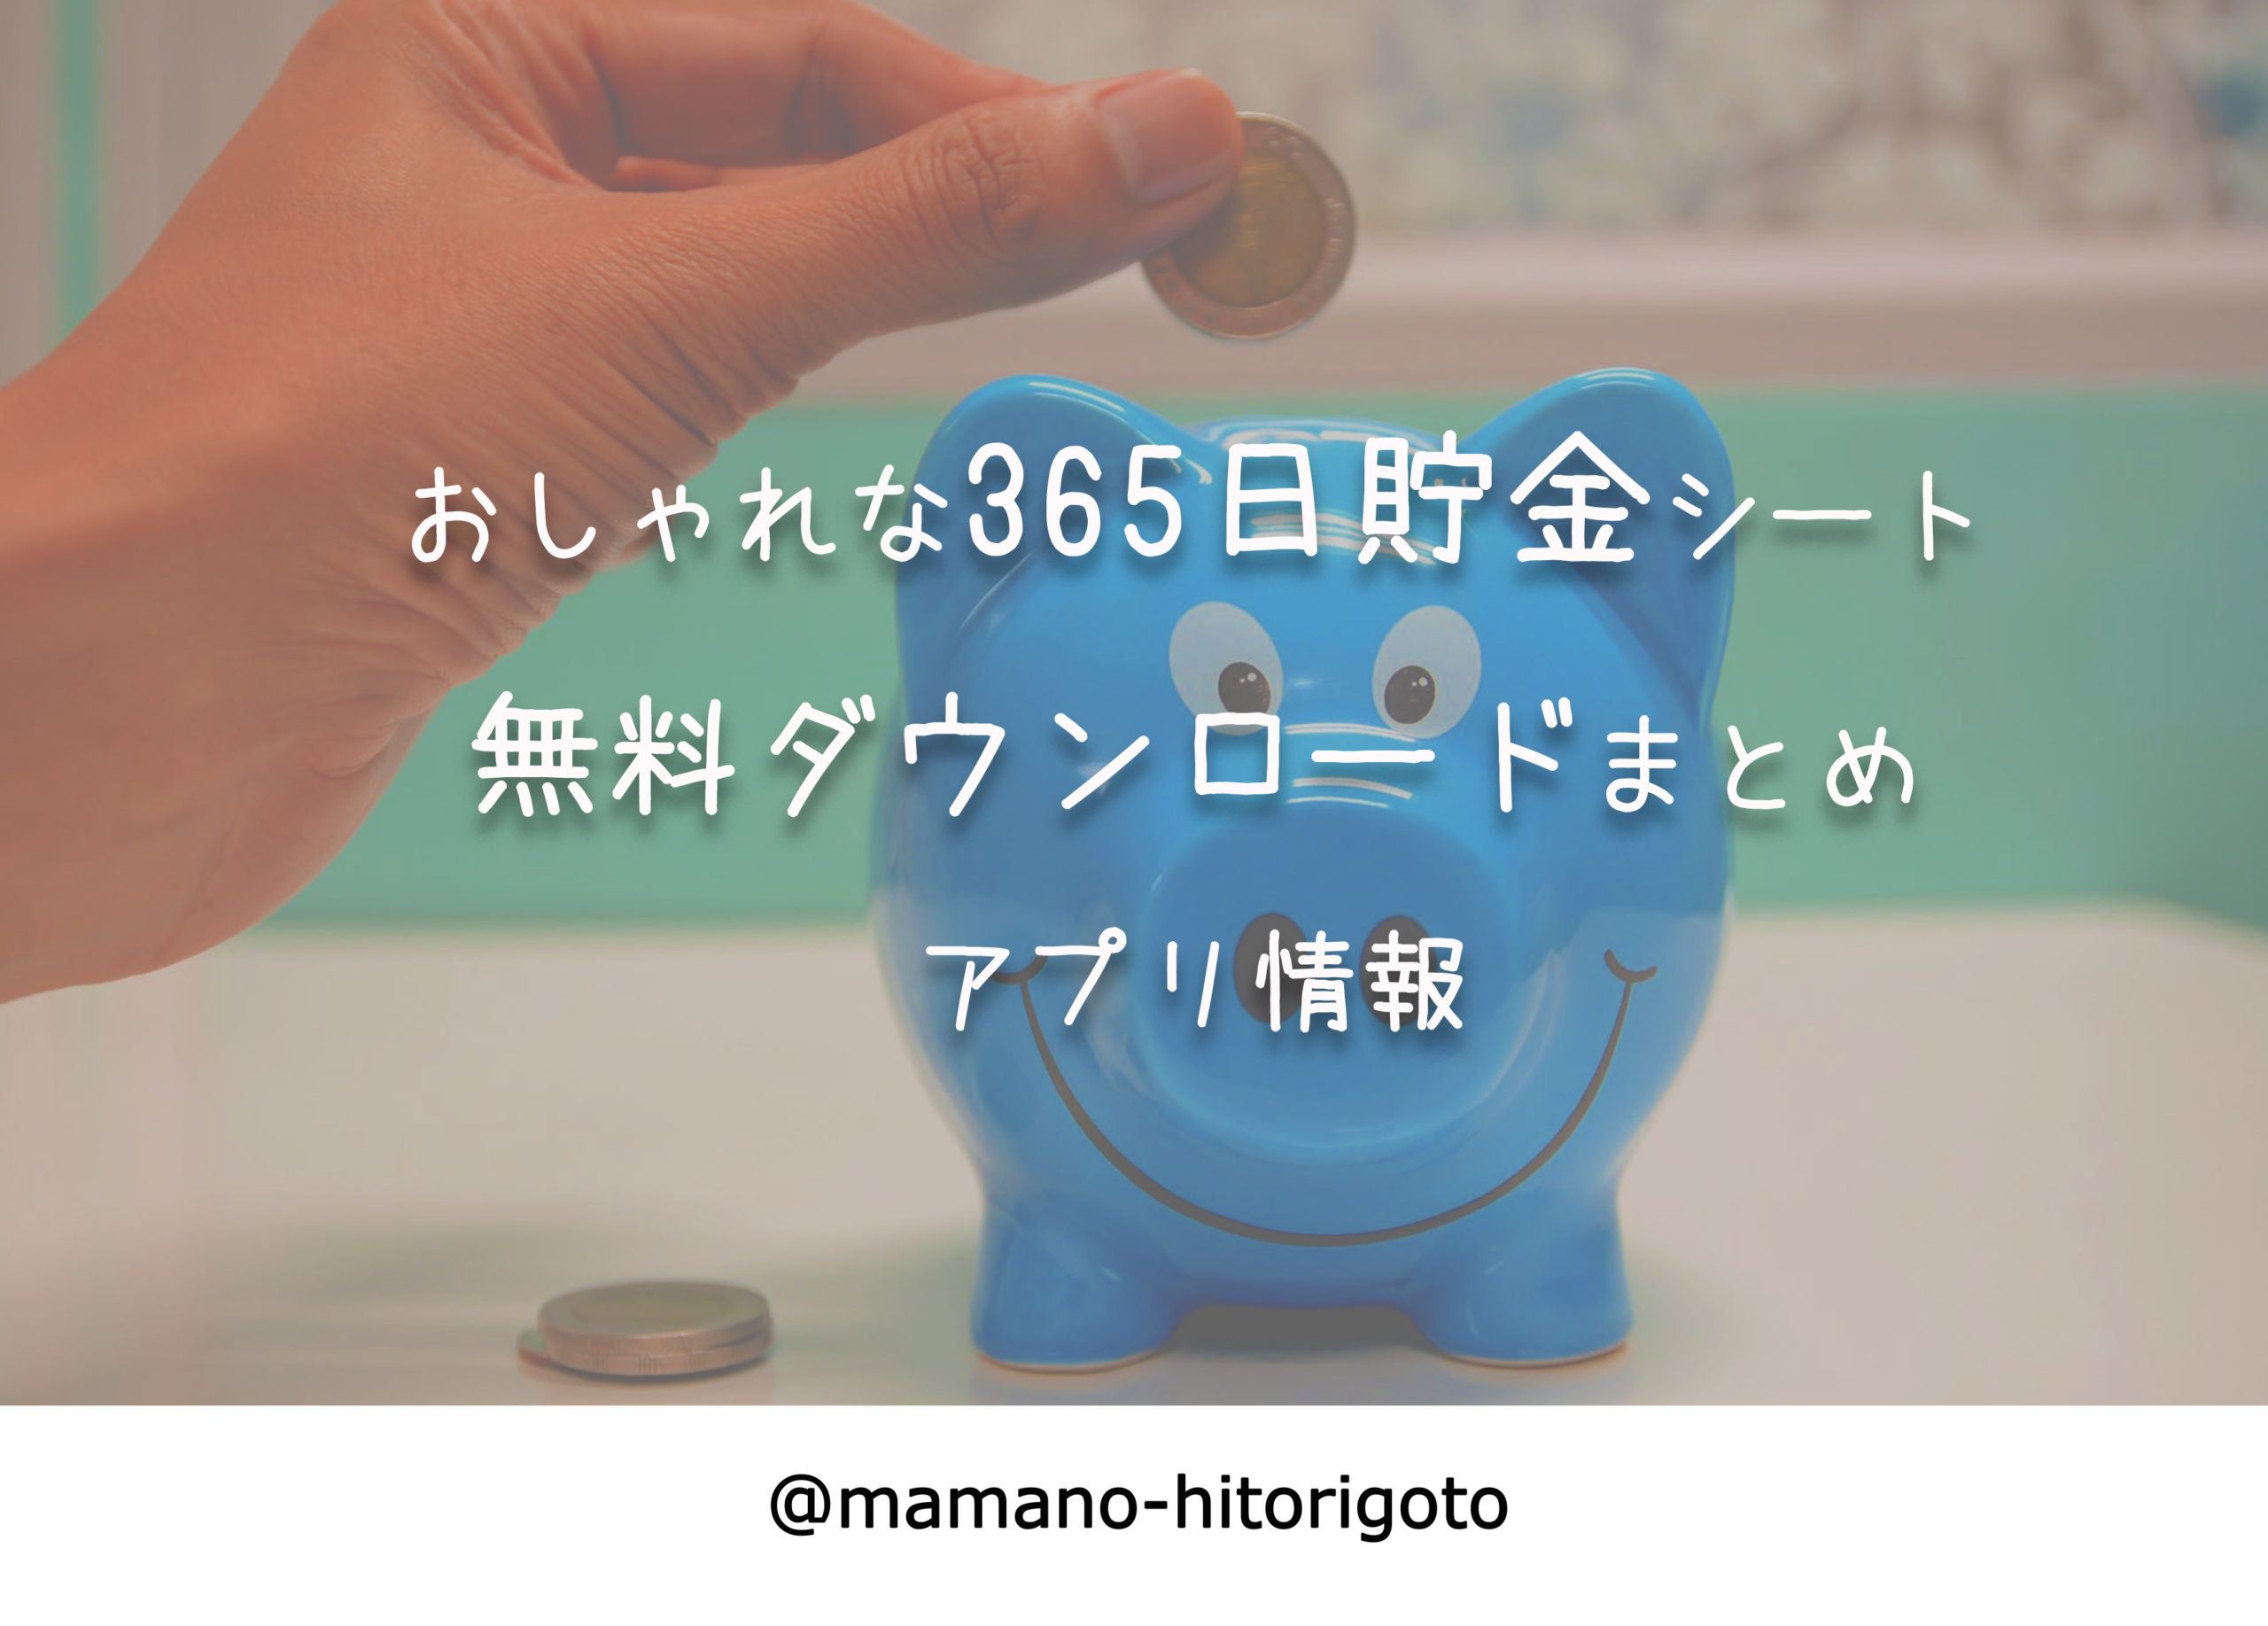 おしゃれな365日貯金シート無料ダウンロードまとめ・アプリ情報